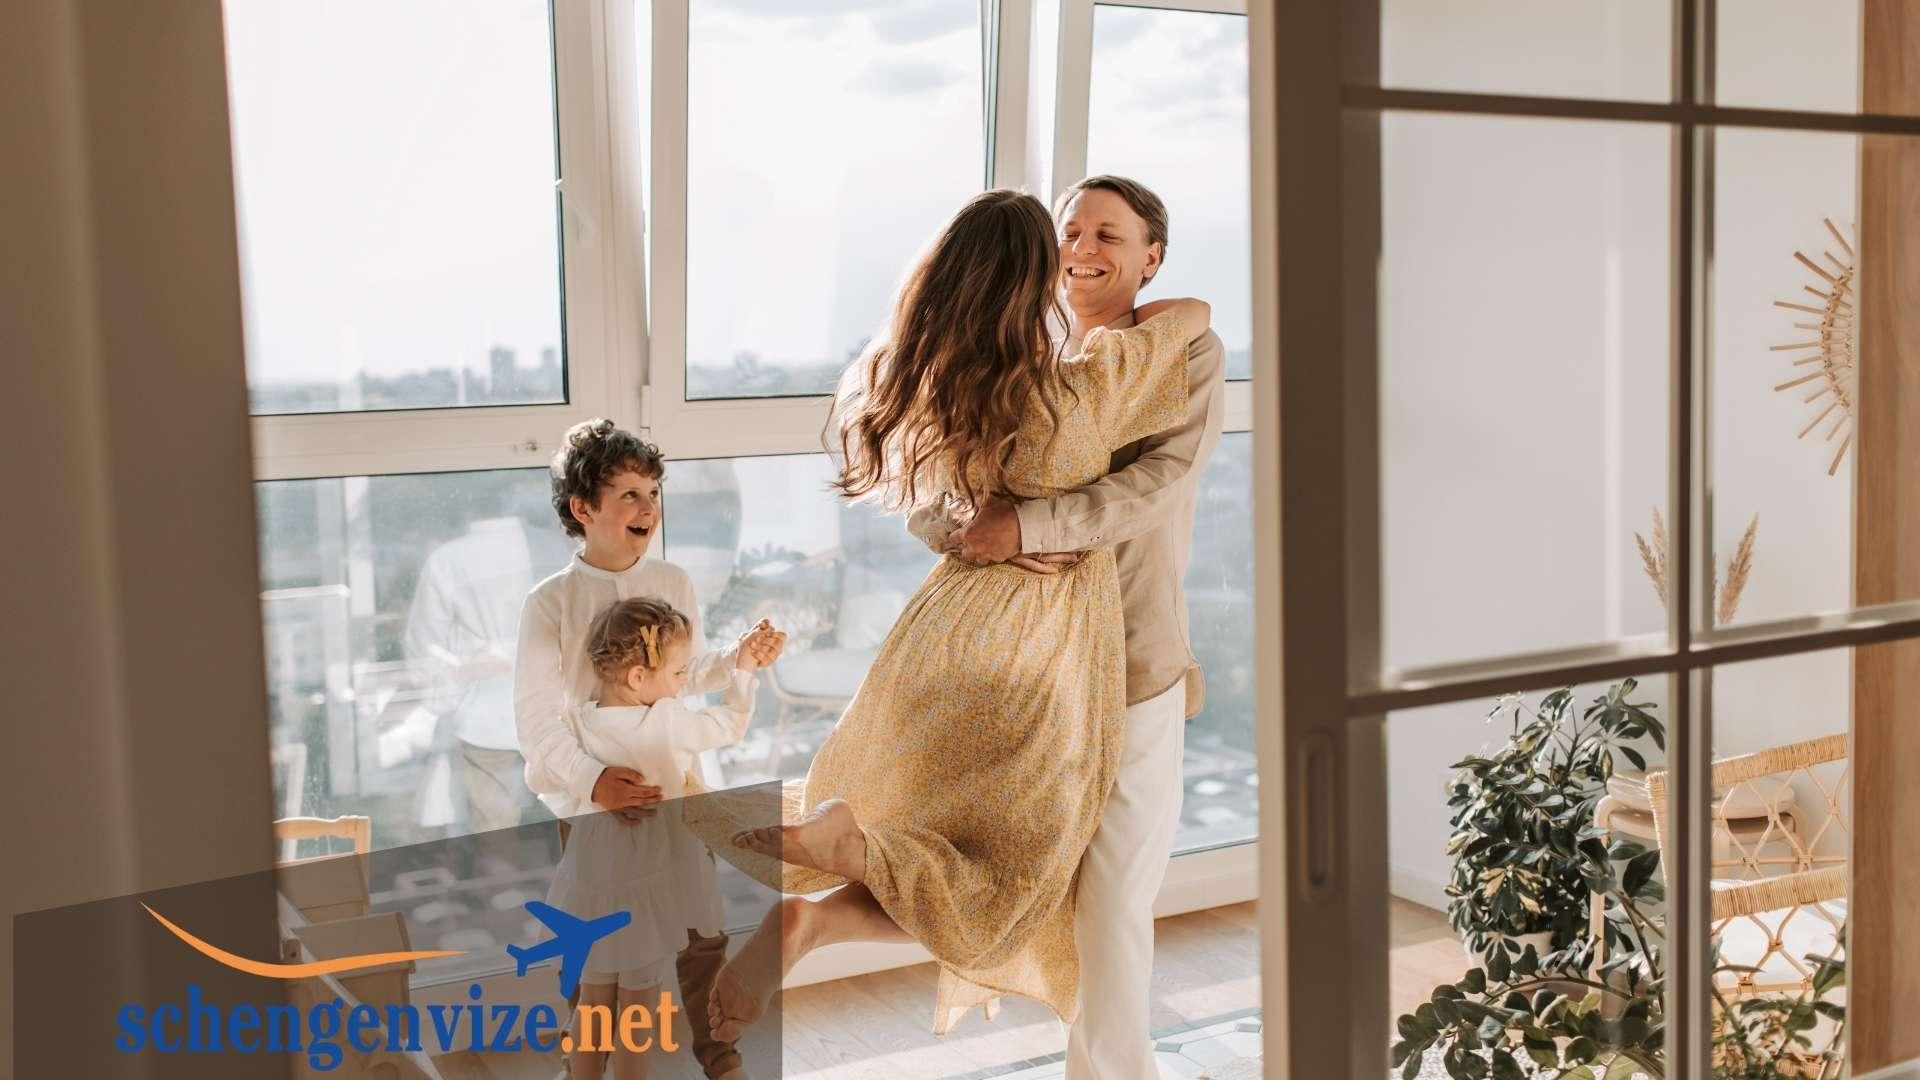 İtalya Aile Ziyareti Vize Başvuru Onaylanma Süresi